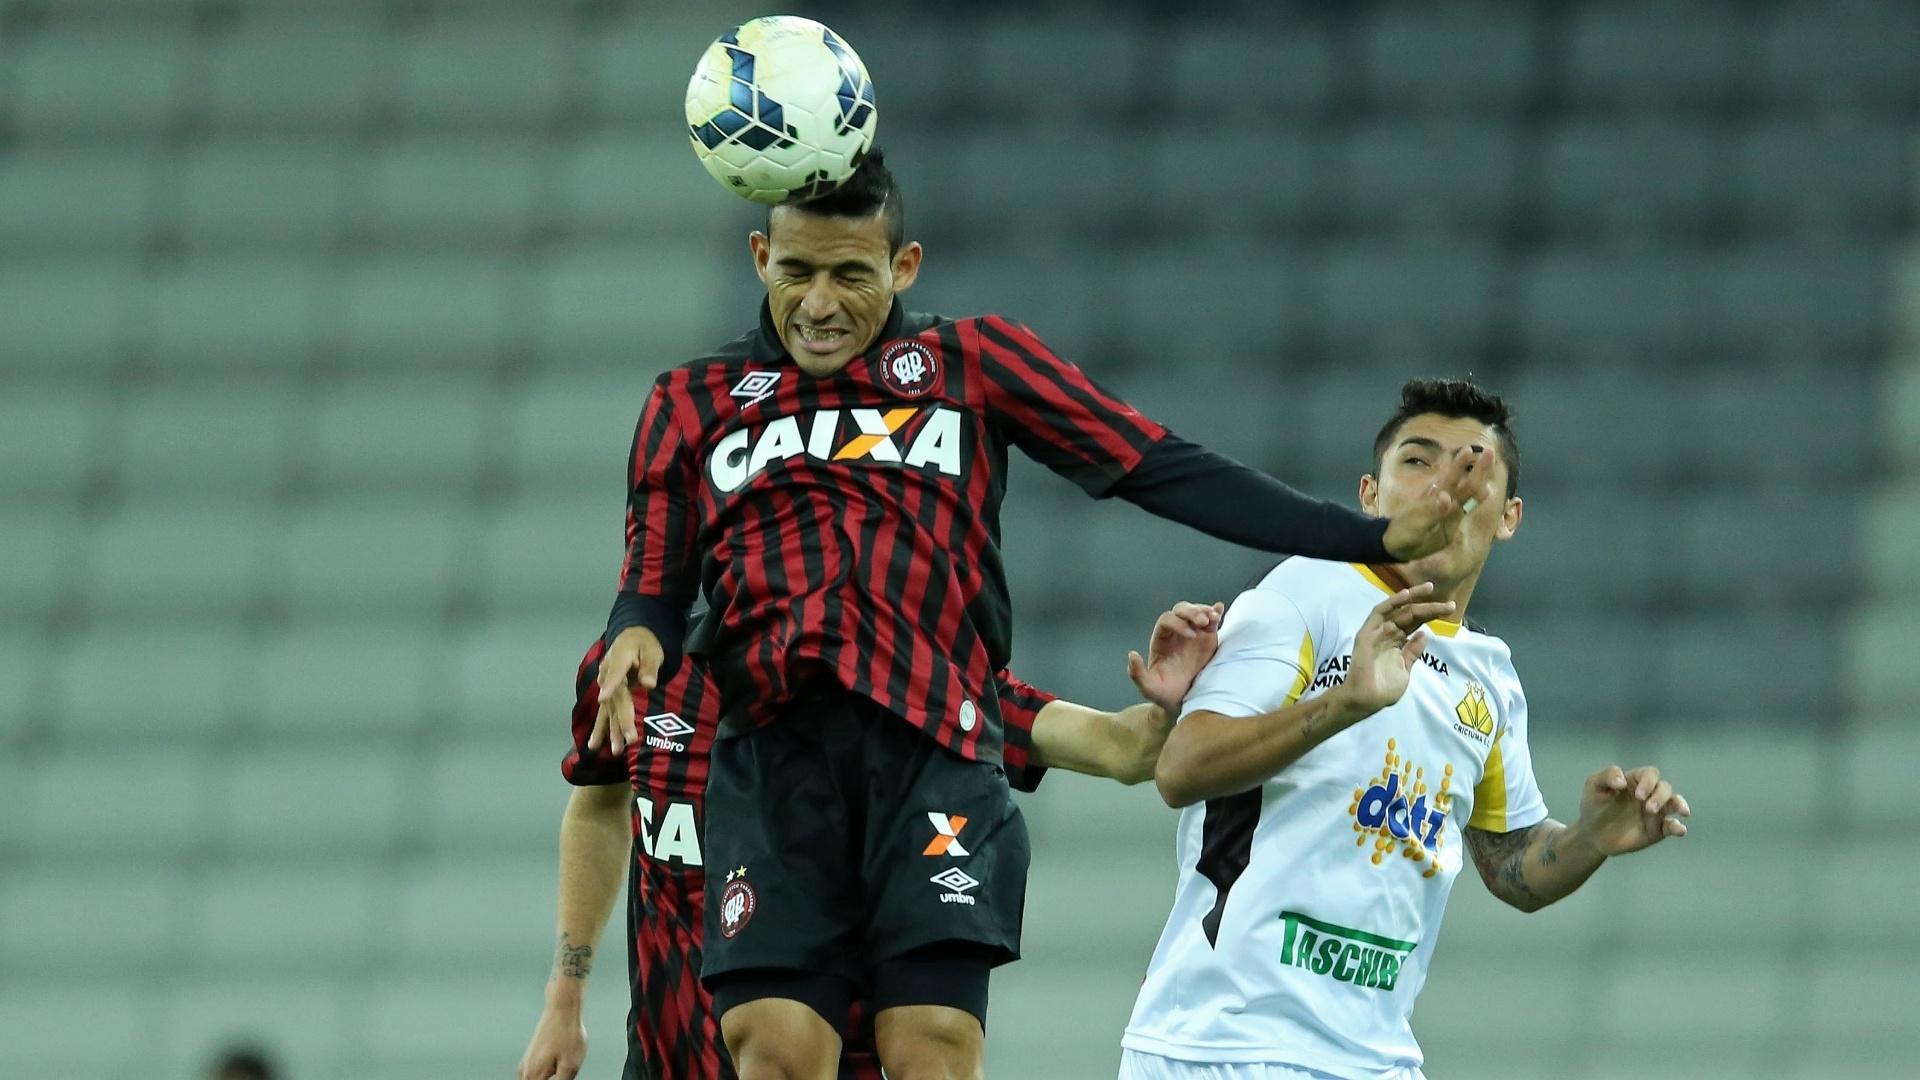 Natanael, do Atlético-PR, sobe firme e ganha disputa pelo alto durante jogo contra o Criciúma